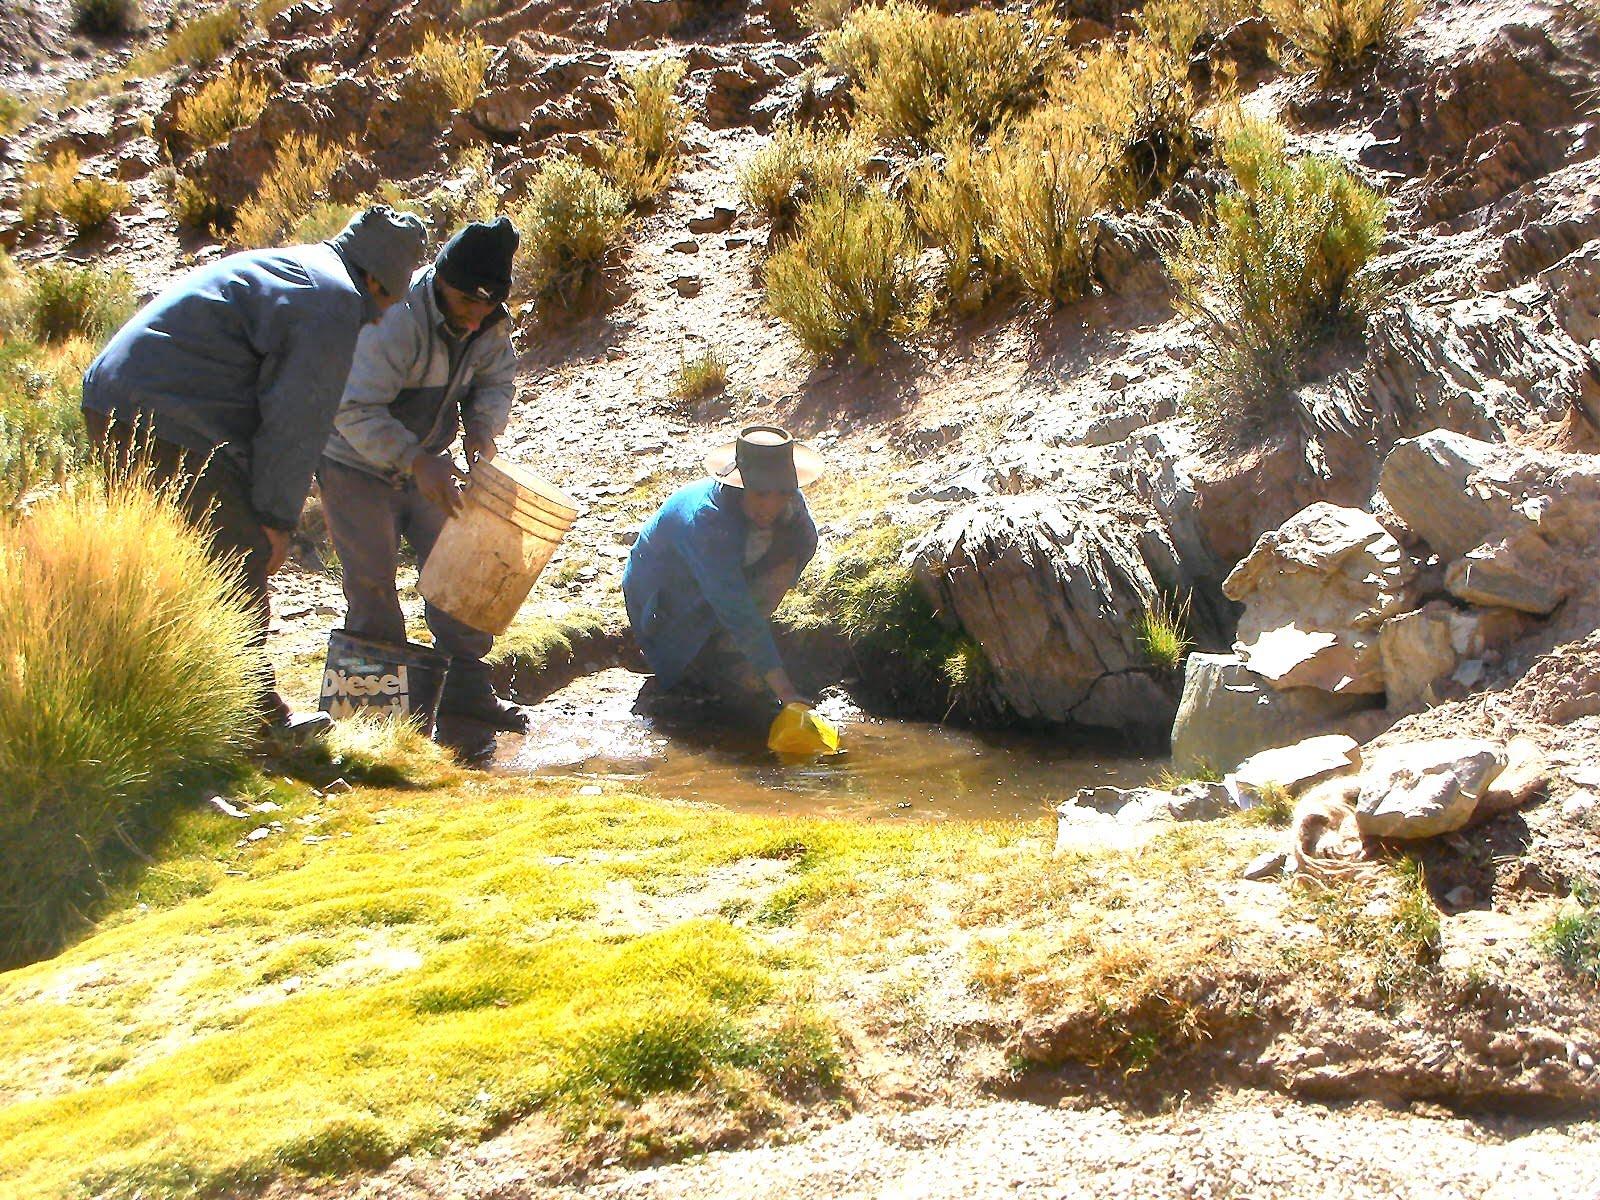 Proyecto pastos chicos busqueda de agua libre de arsenico for Buscador de agua